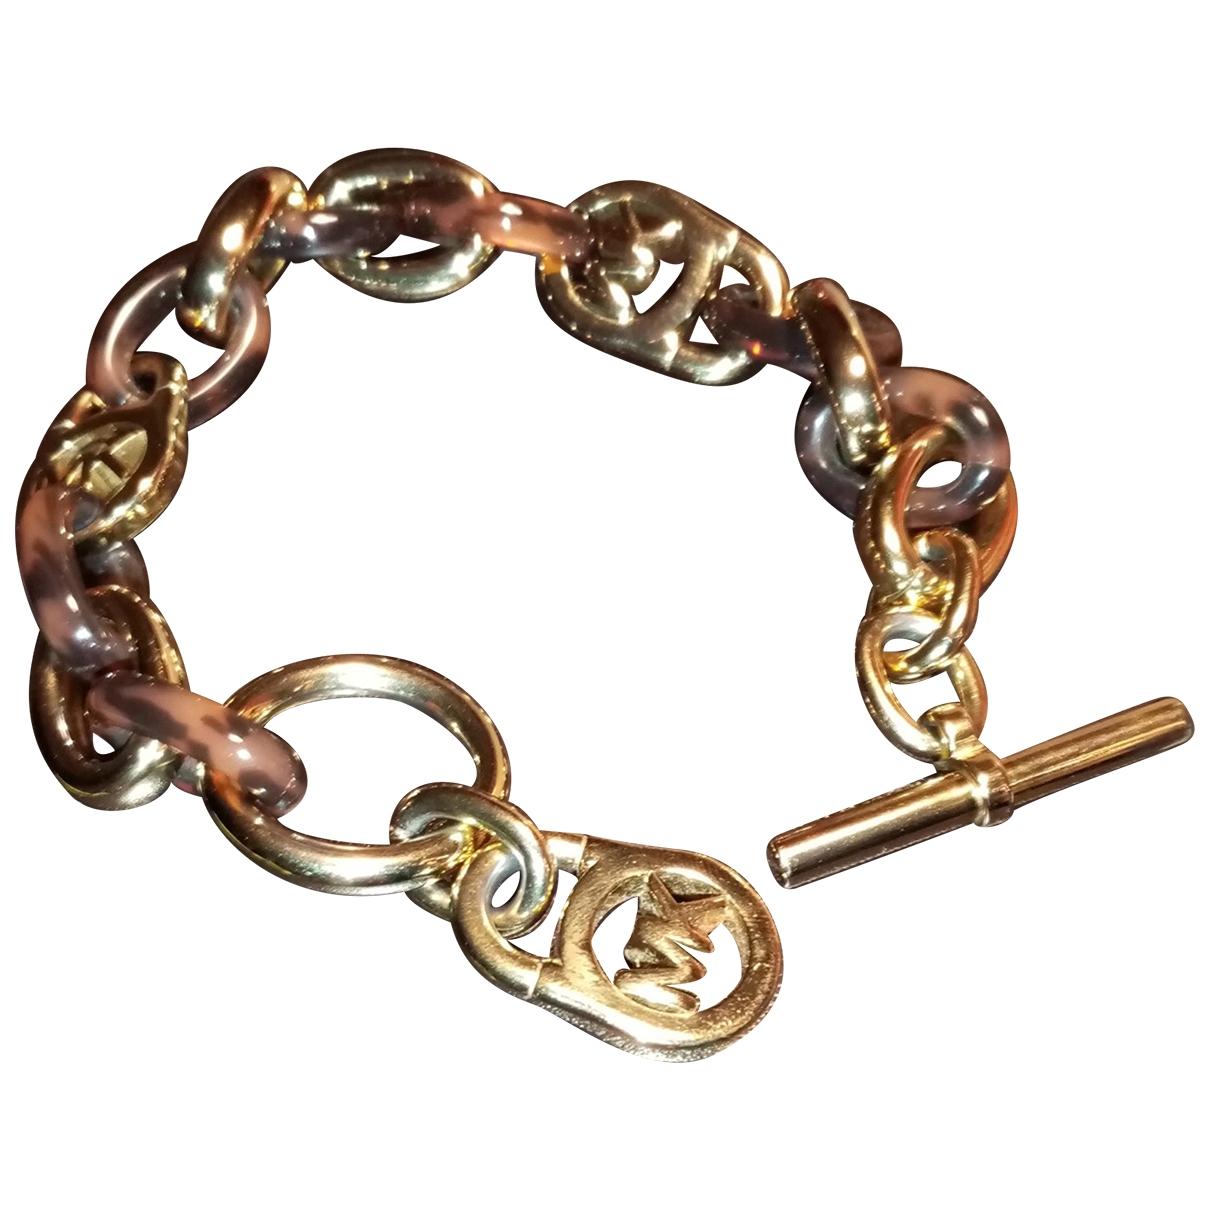 Michael Kors - Bracelet   pour femme en chaine - marron